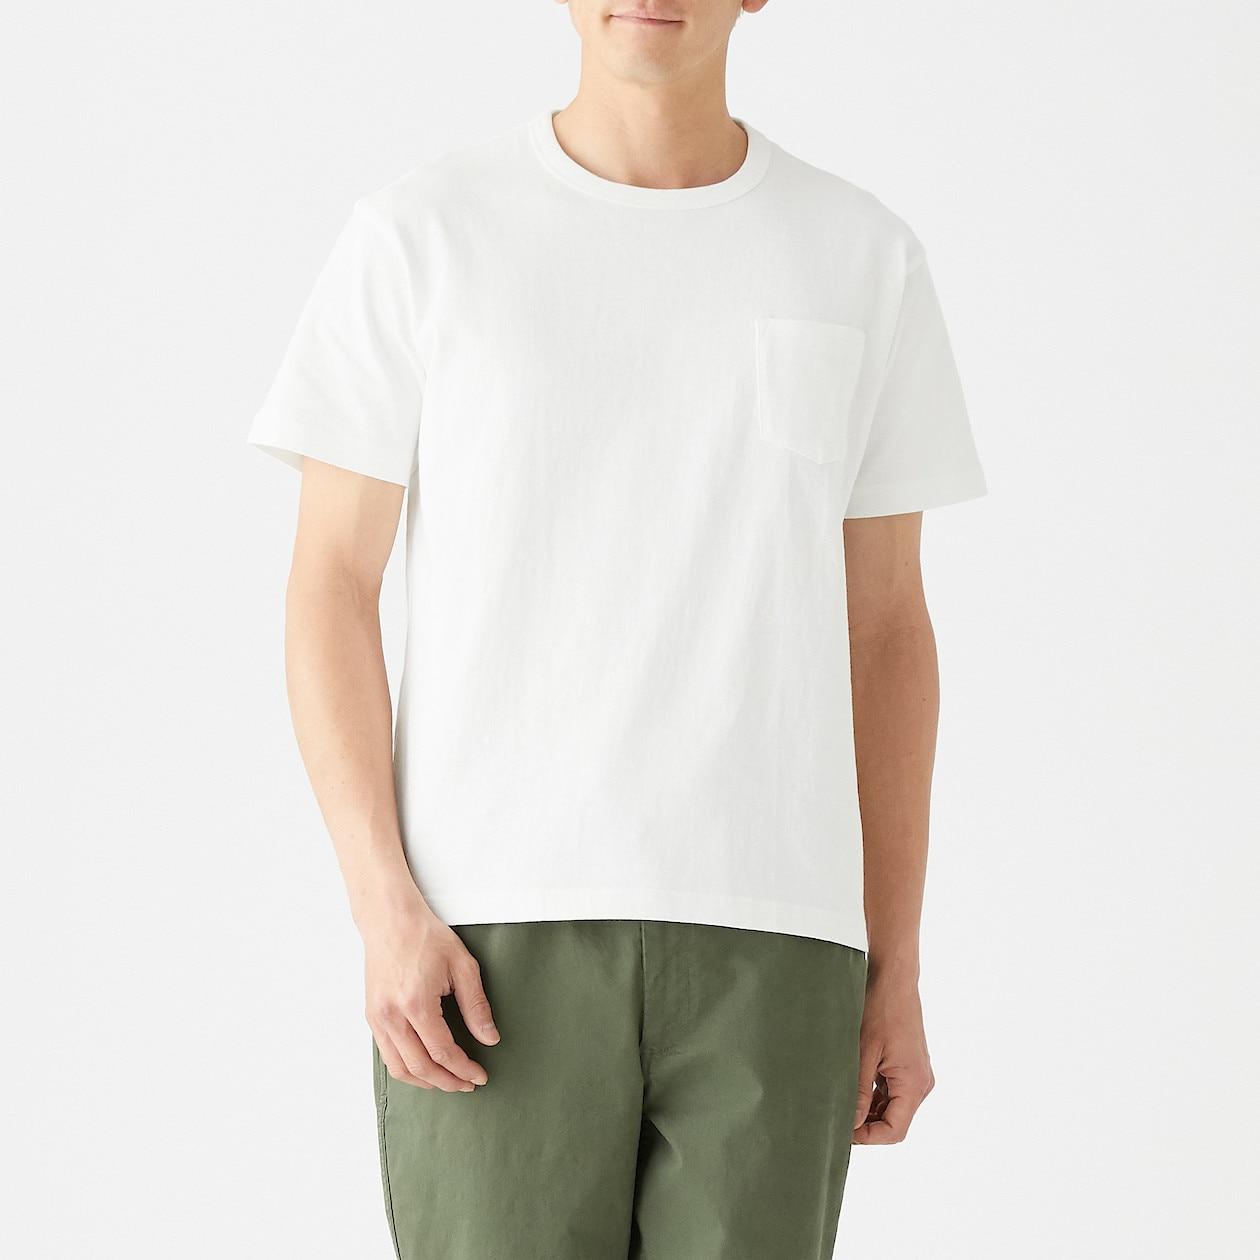 太番手 天竺編みポケット付き半袖Tシャツ 紳士XS・オフ白